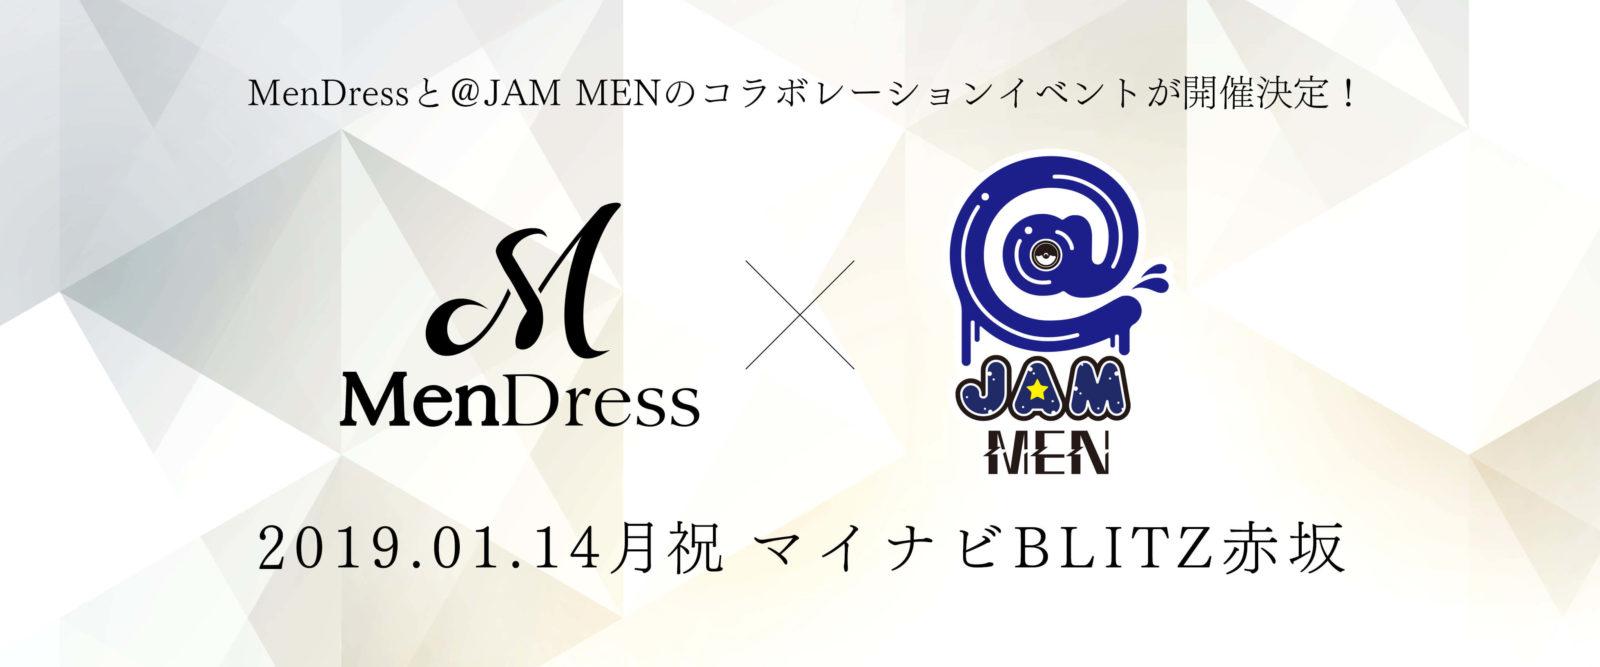 MenDress×@JAM MEN 2019新春Special 開催&第1弾出演者決定サムネイル画像